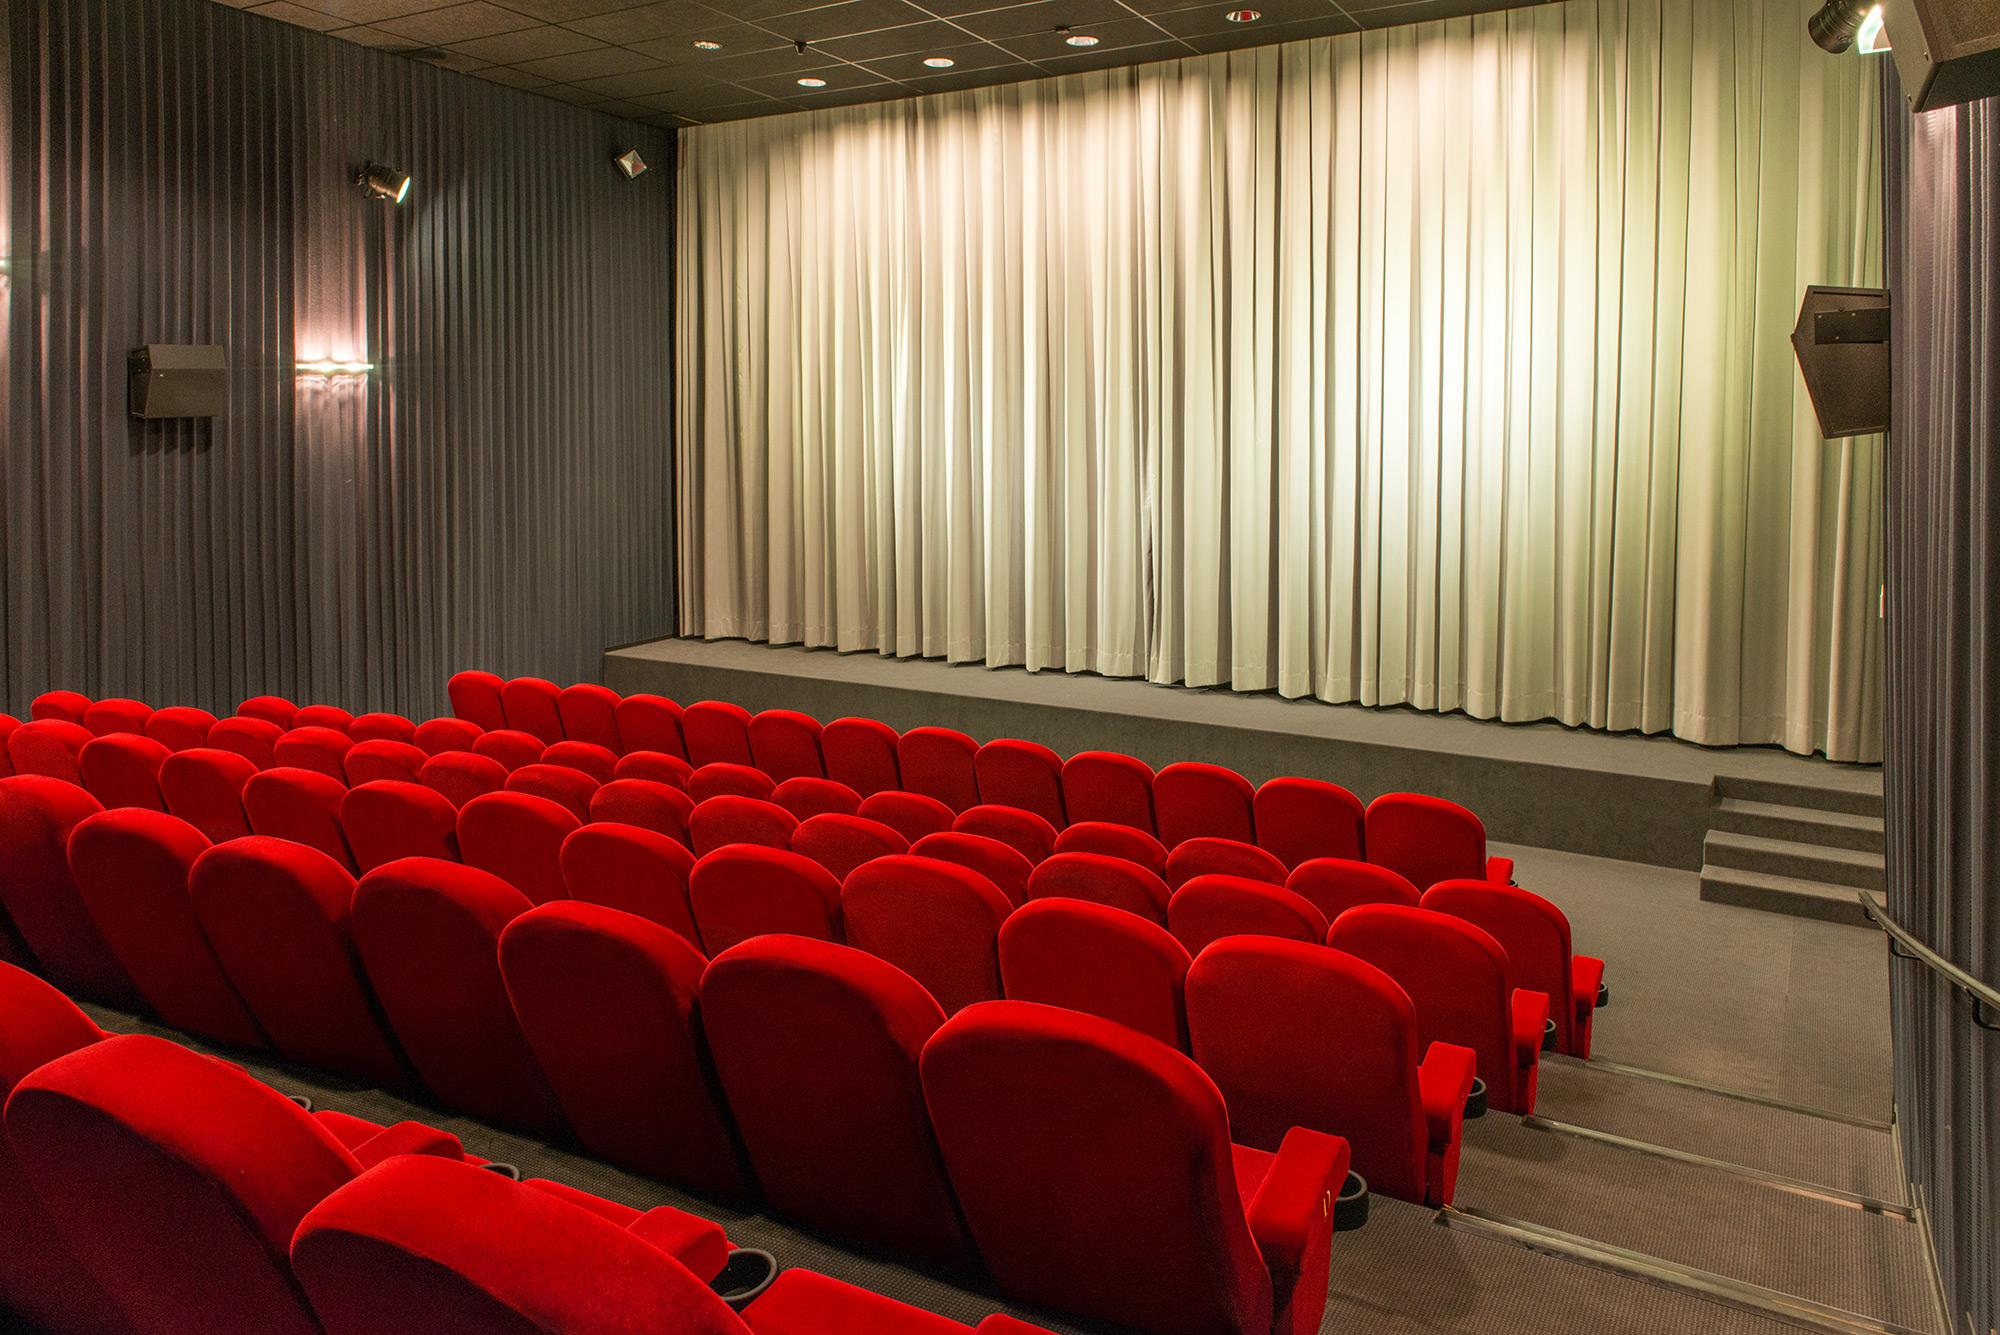 Auch kleinere Kinos können großzügig sein: Kino 5 mit 105 Plätzen